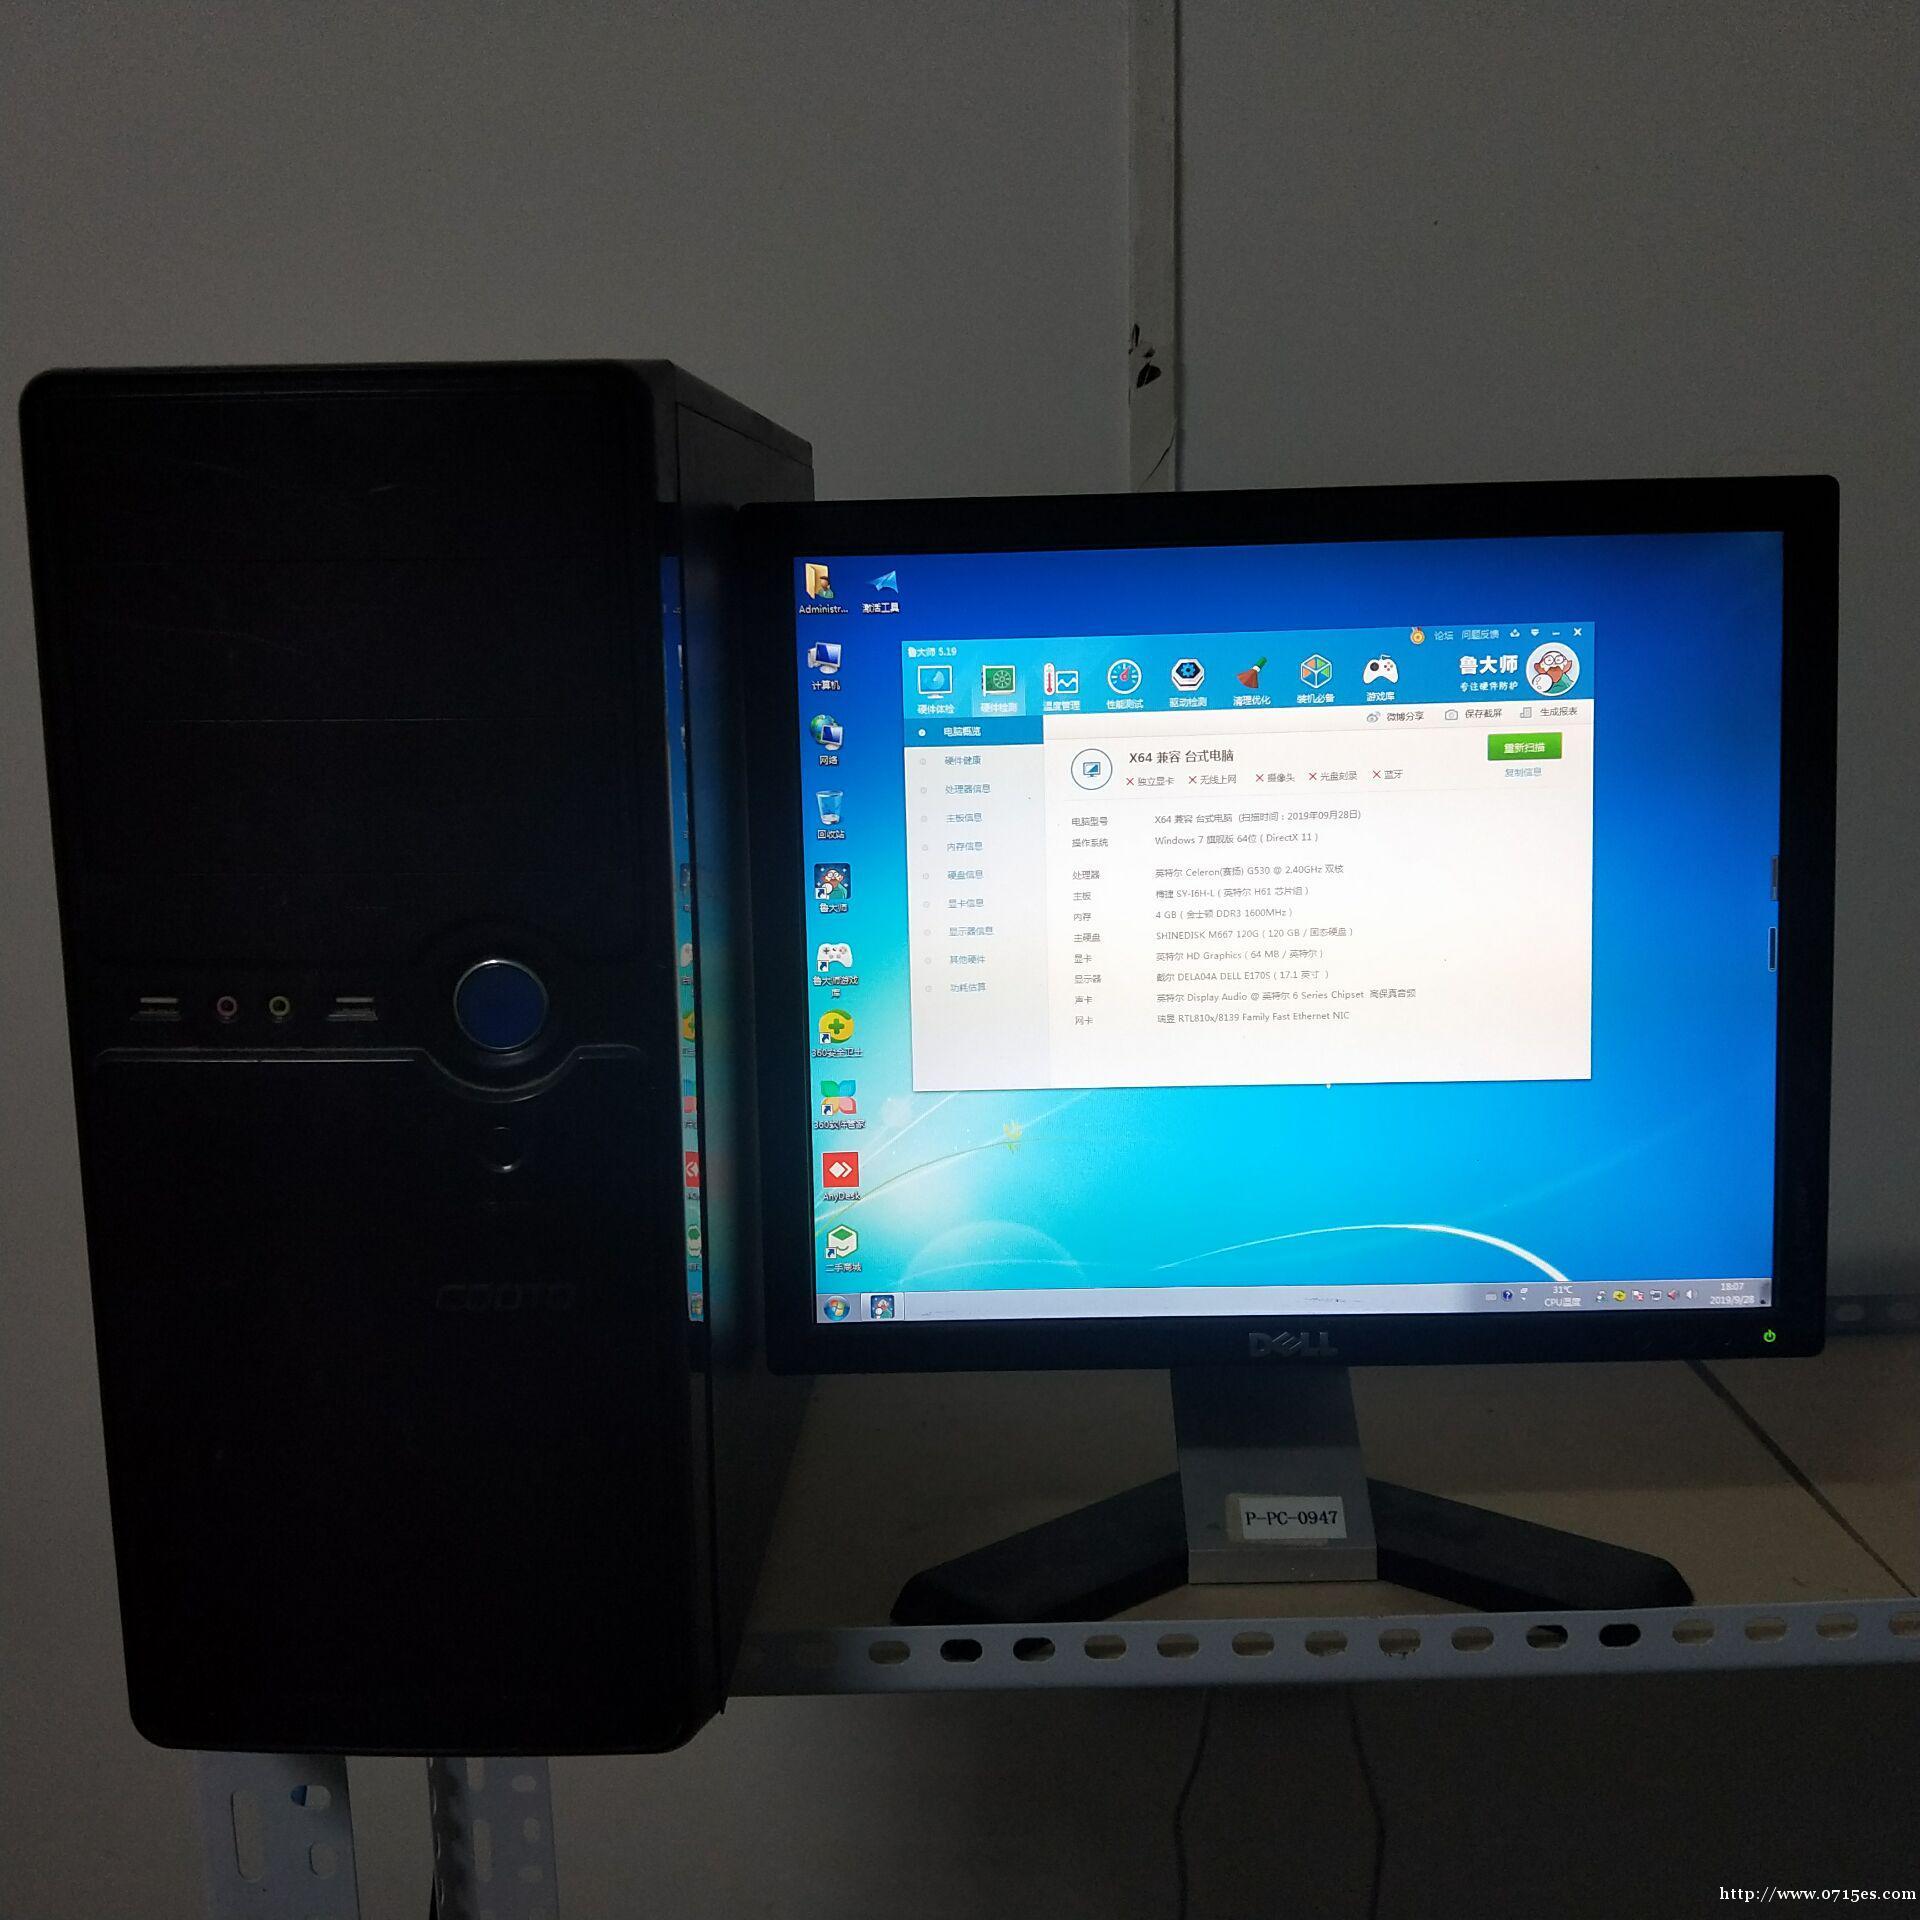 出售工作室自用电脑